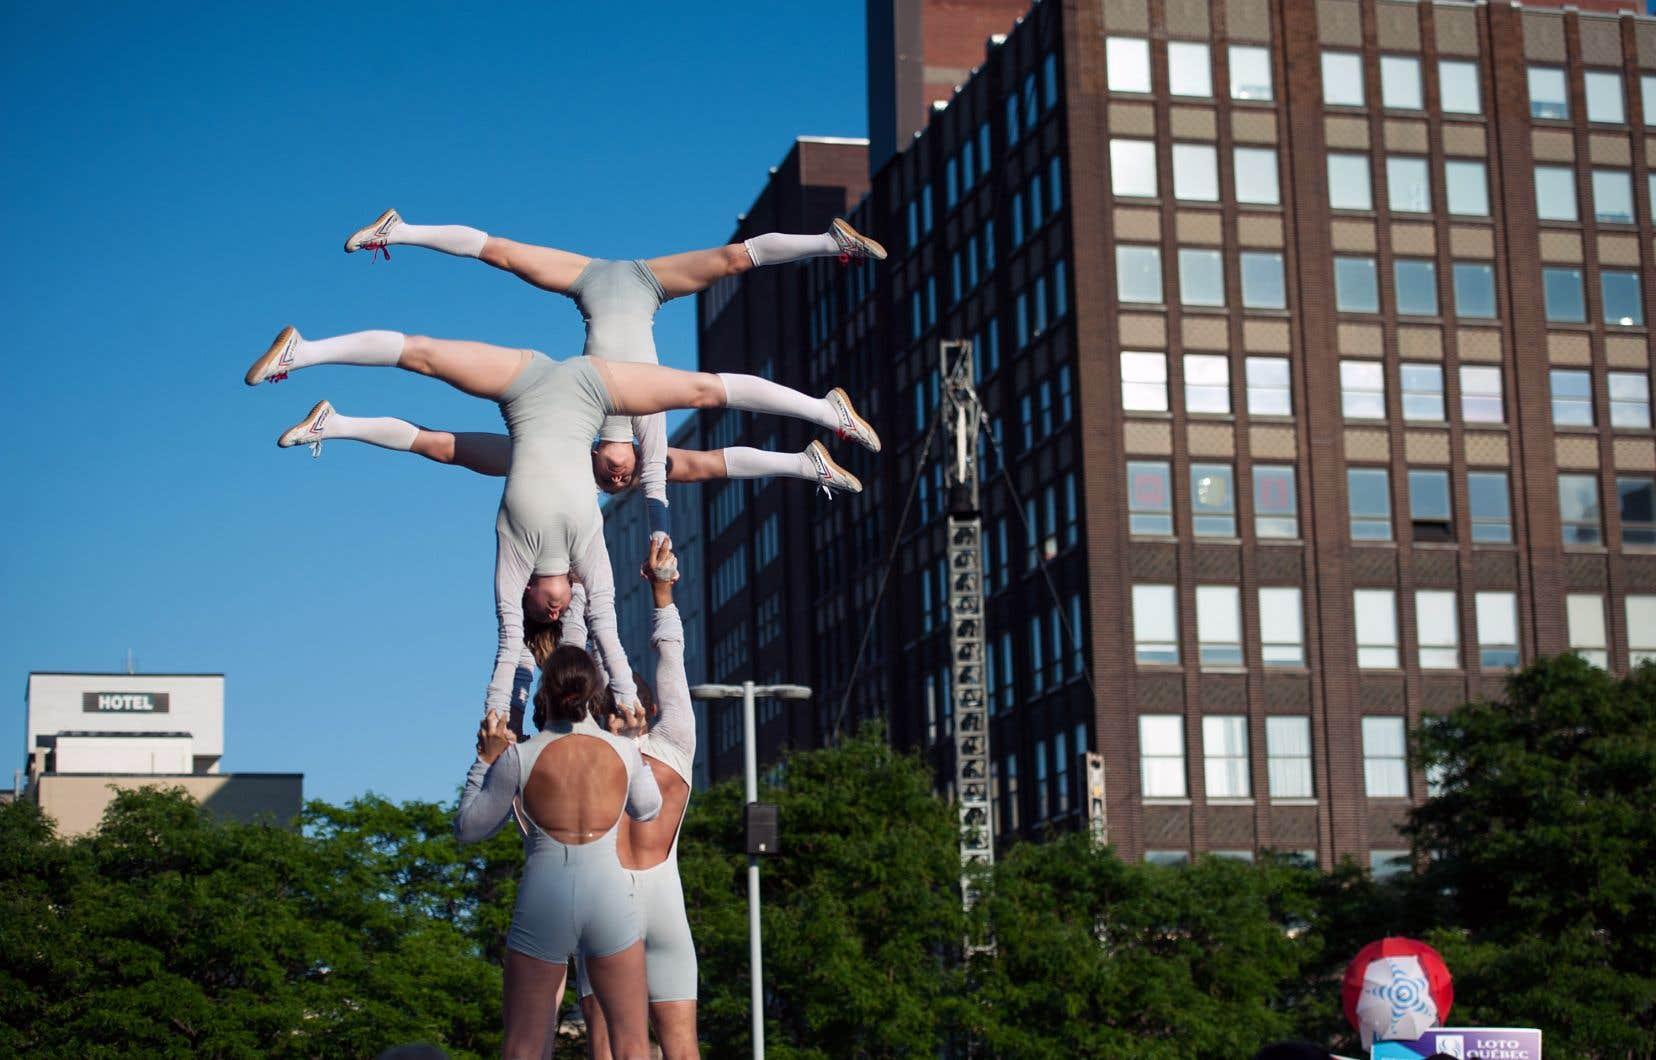 Le spectacle «Phénix» intègre de nombreux numéros de danse, mais aussi de la contorsion, du trapèze de la roue cyr, de la jonglerie et des numéros de tissu aérien.